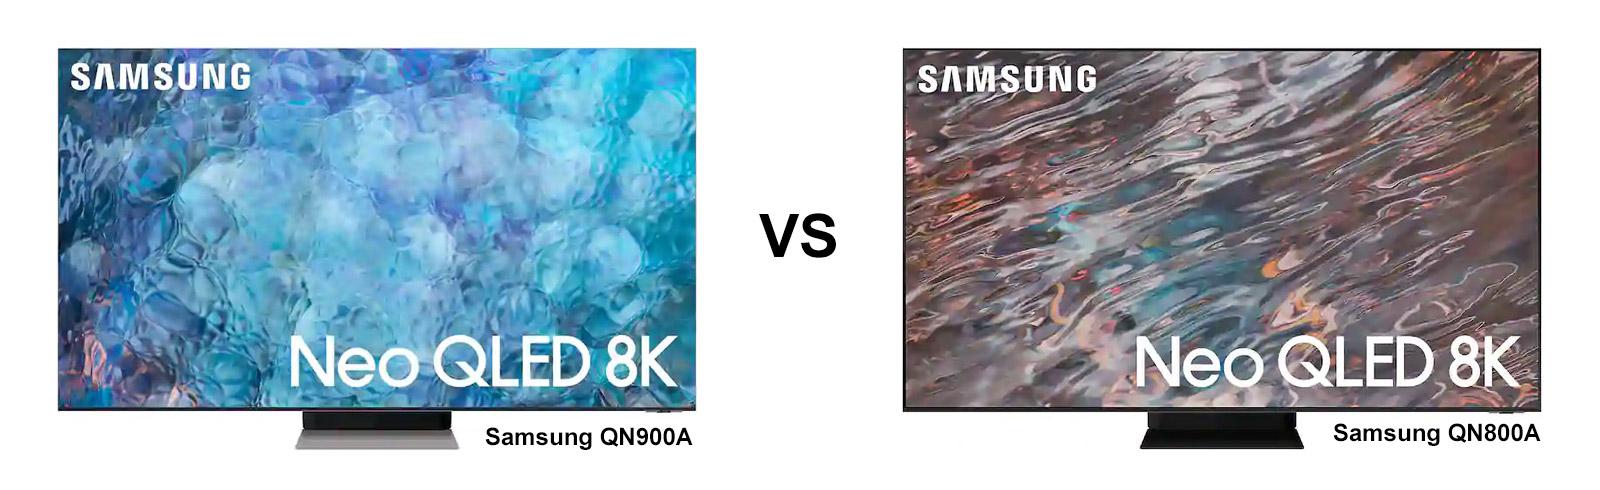 Samsung Neo QLED 8K TV series - comparison, QN900A vs QN800A